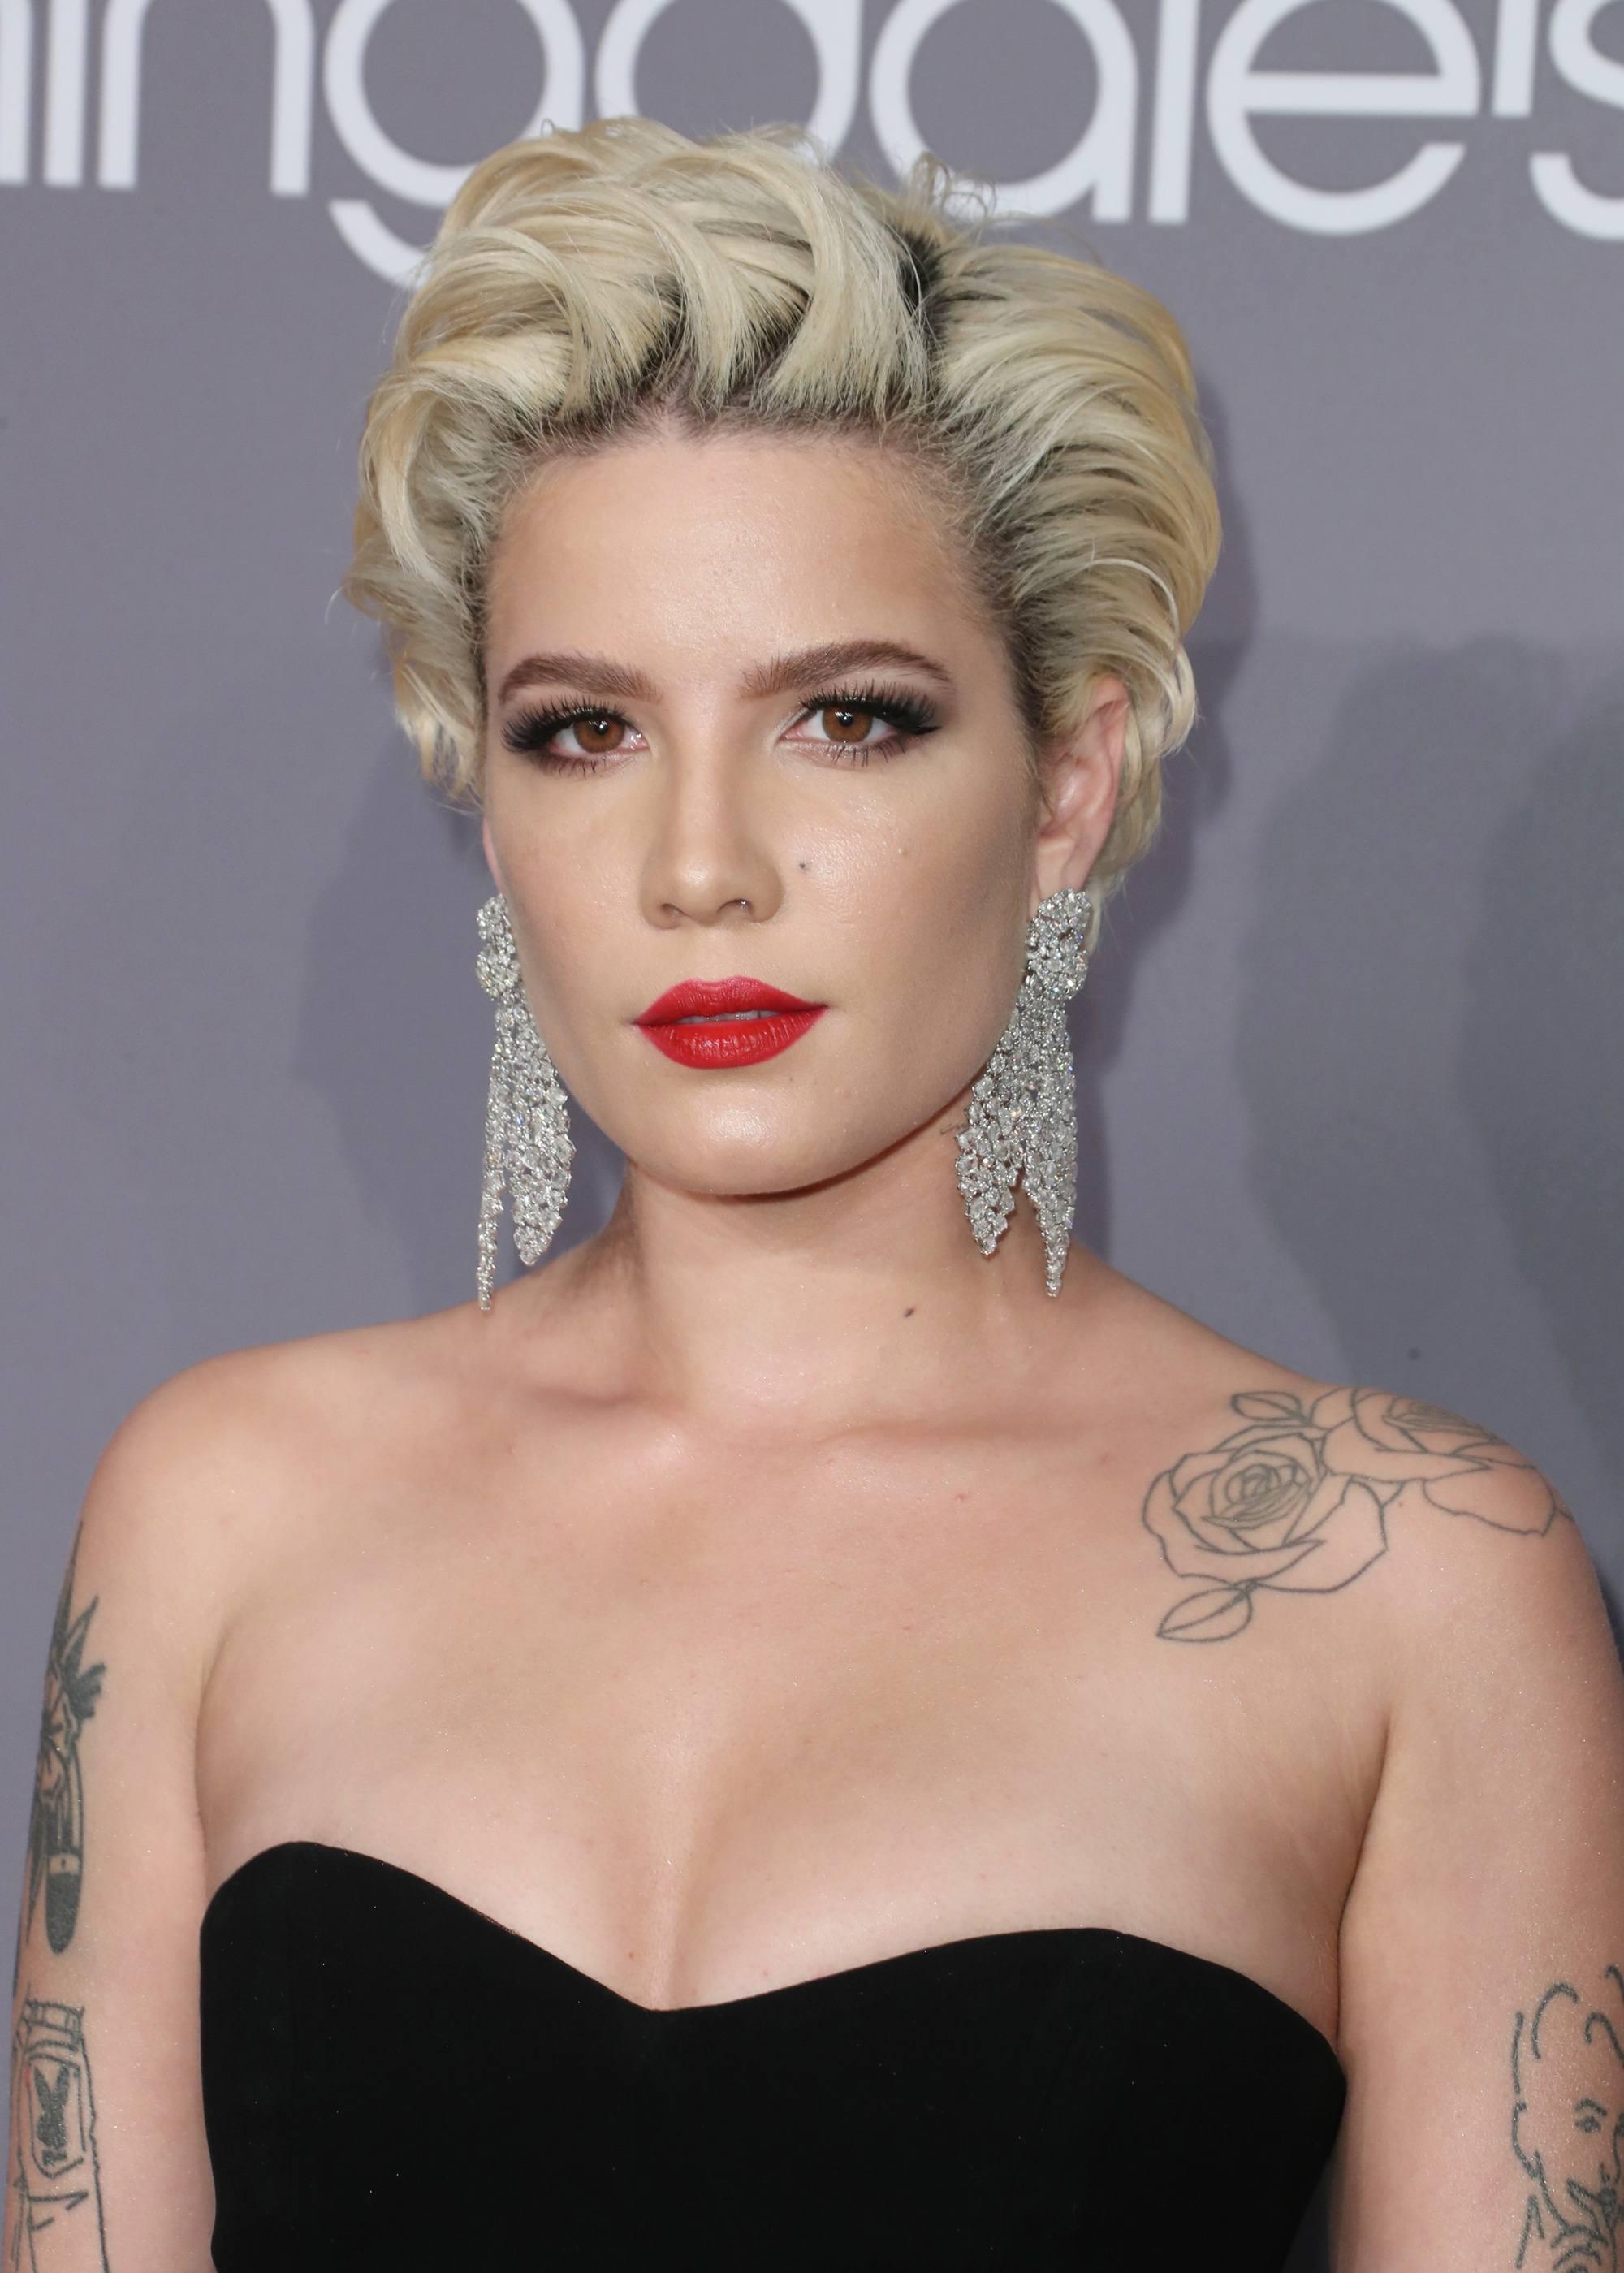 Cheveux courts vintage : Gros plan de Halsey avec des cheveux blonds courts platine coiffés en boucles lâches à la Marilyn Monroe